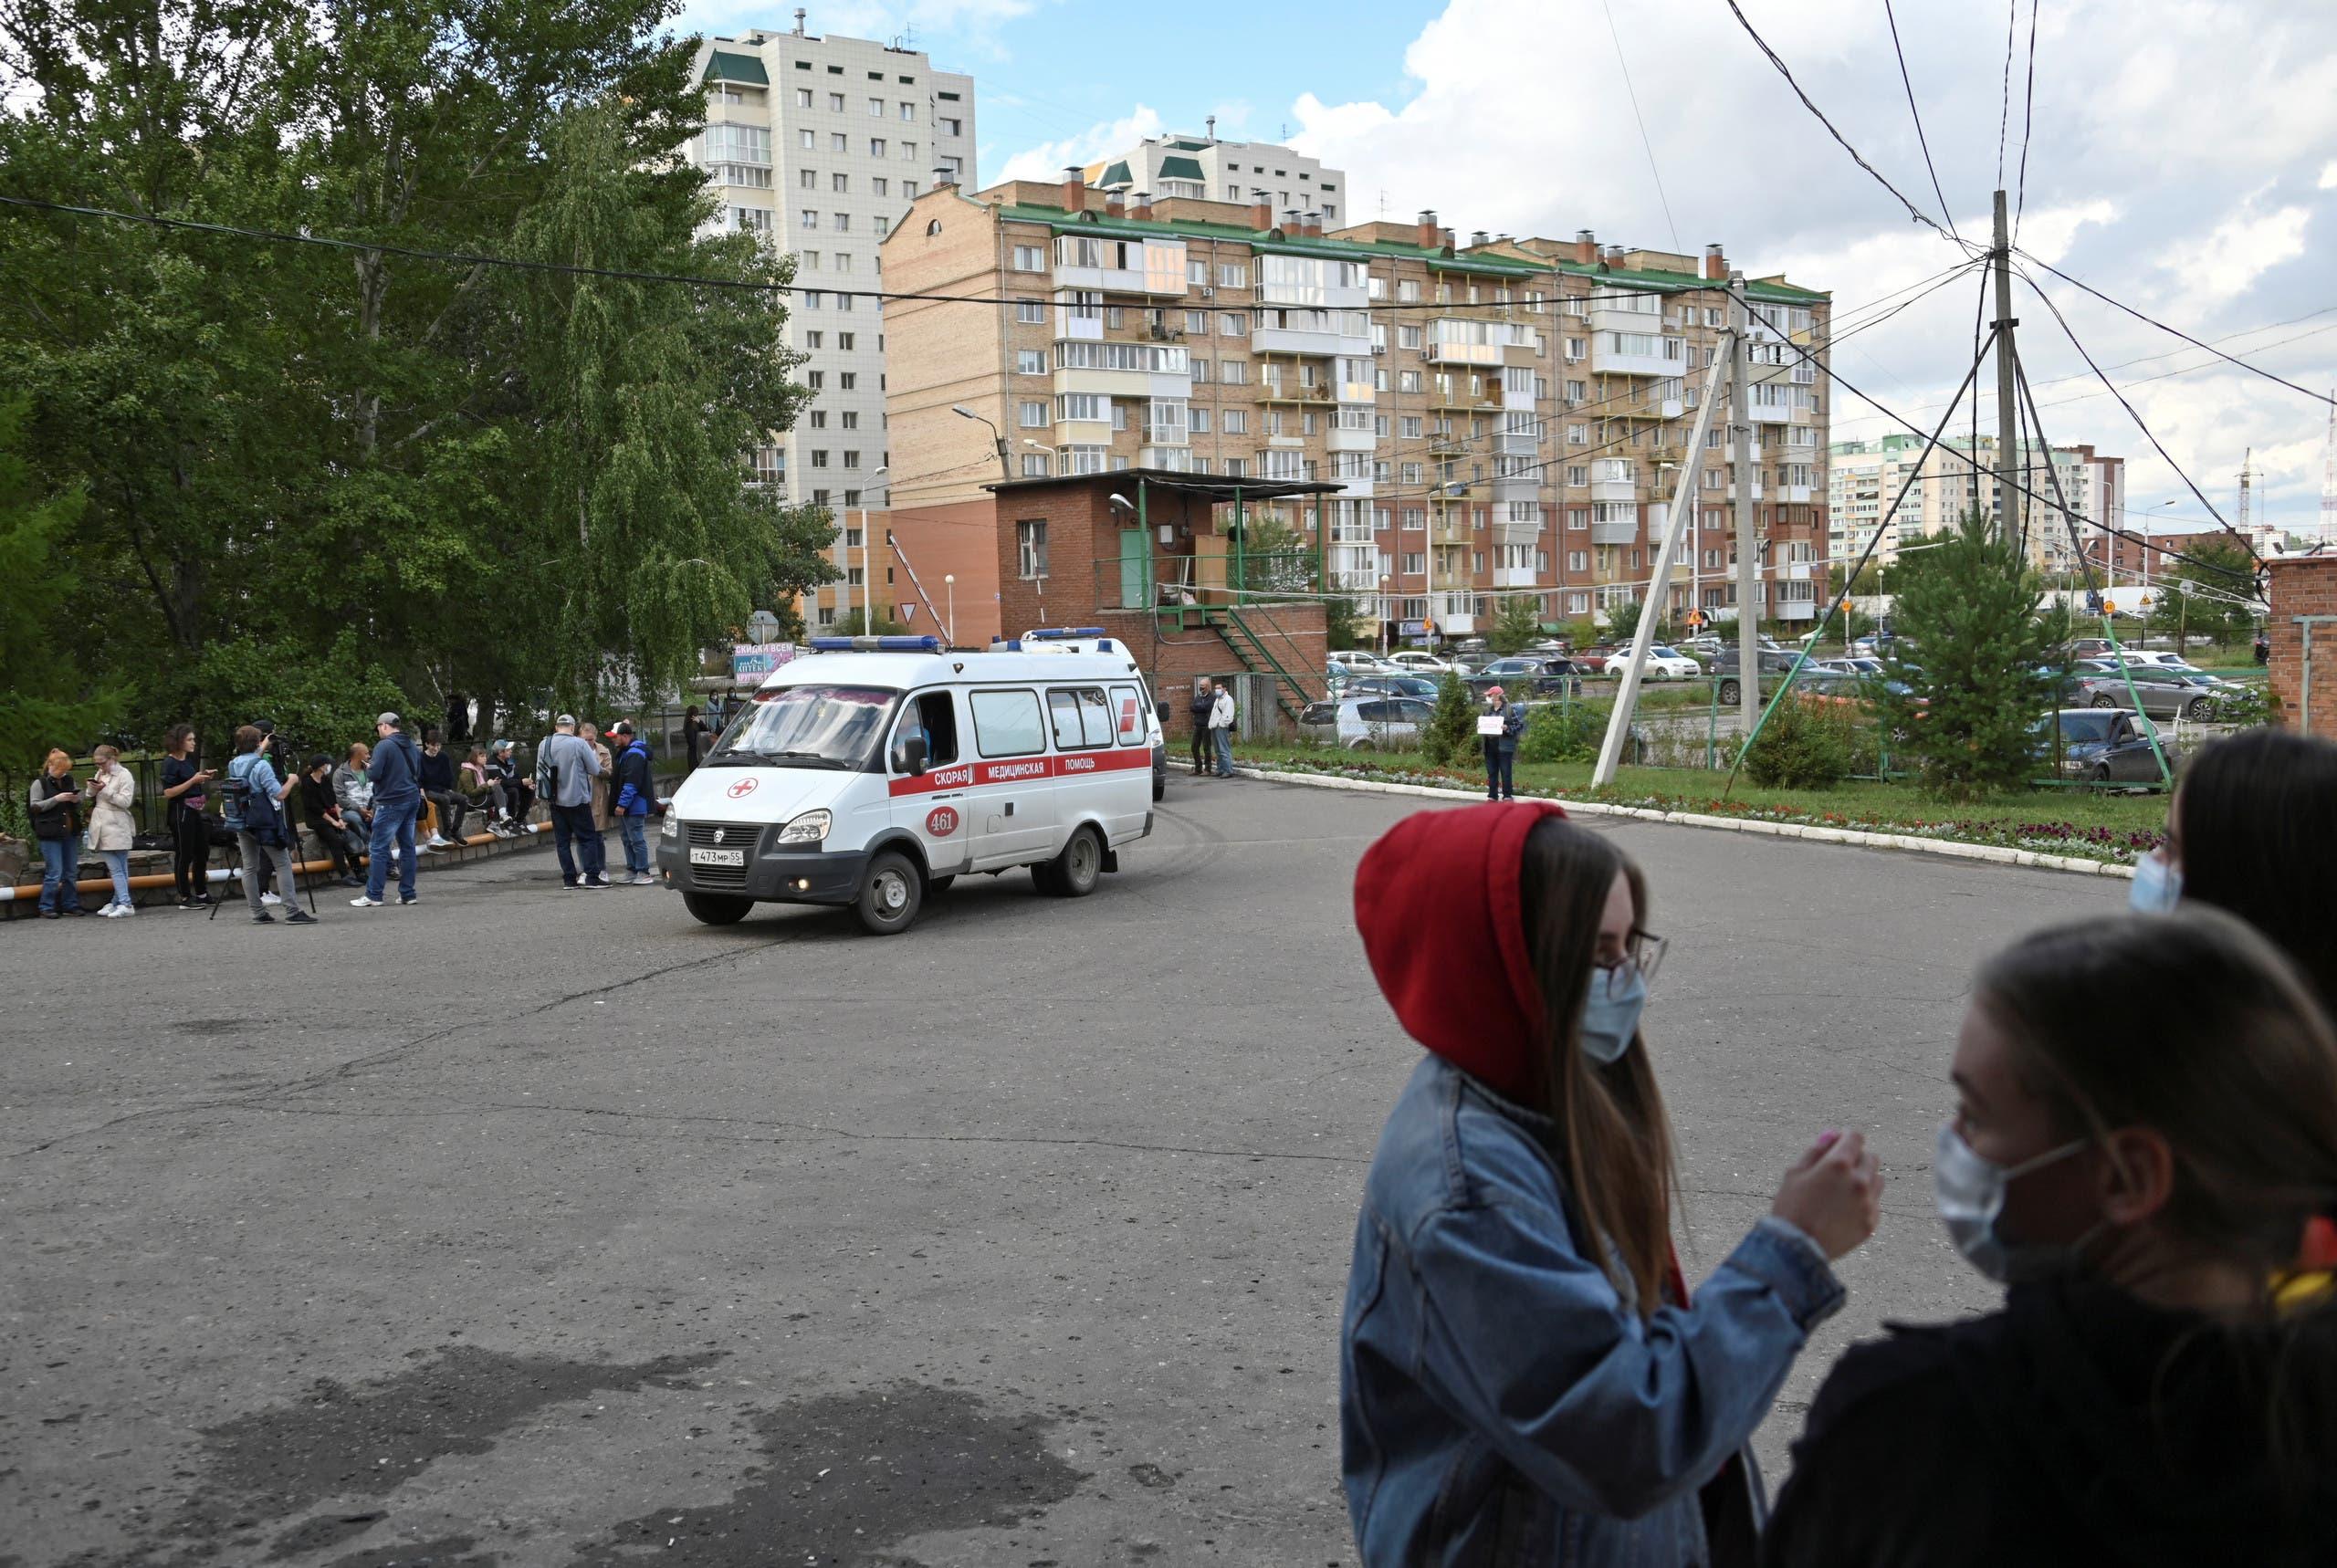 مستشفى في سيبيريا تم نقل نافالني إليه عقب تسميمه